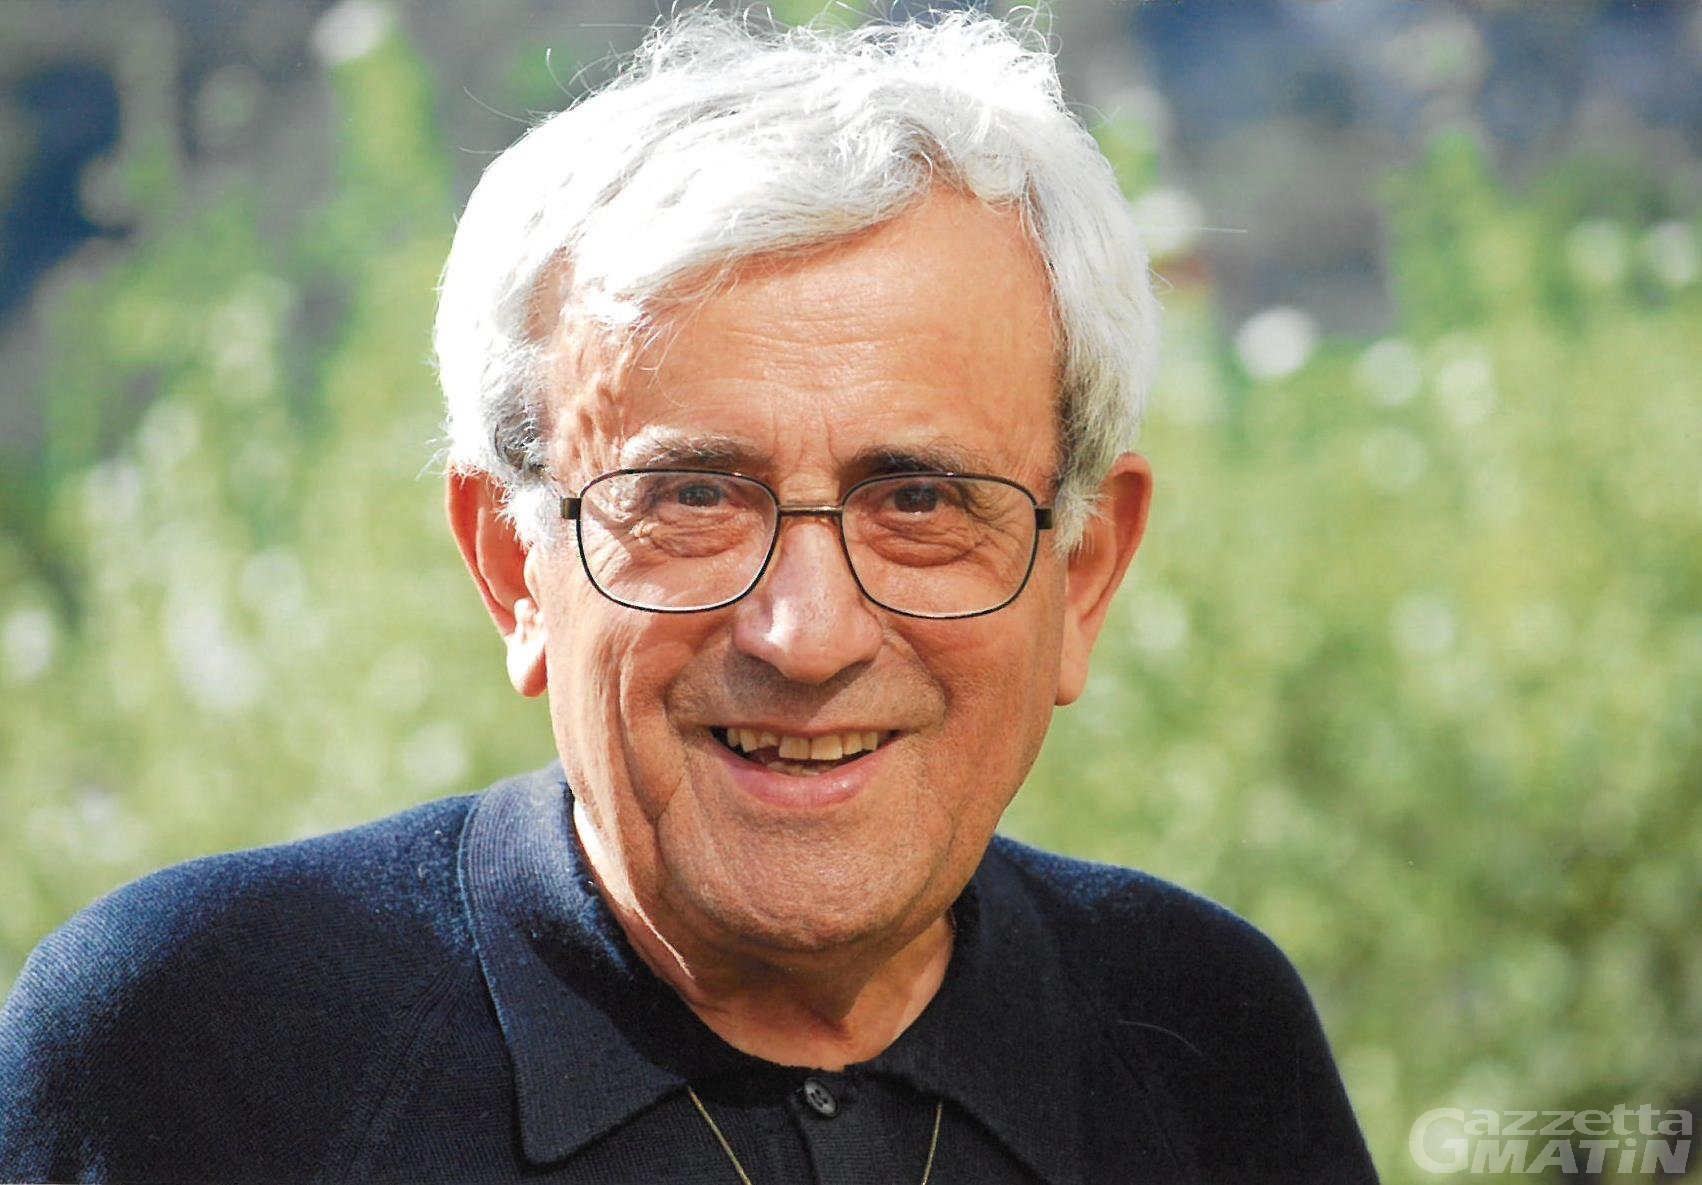 Comuni: è morto don Emiro Pession, parroco di Brissogne